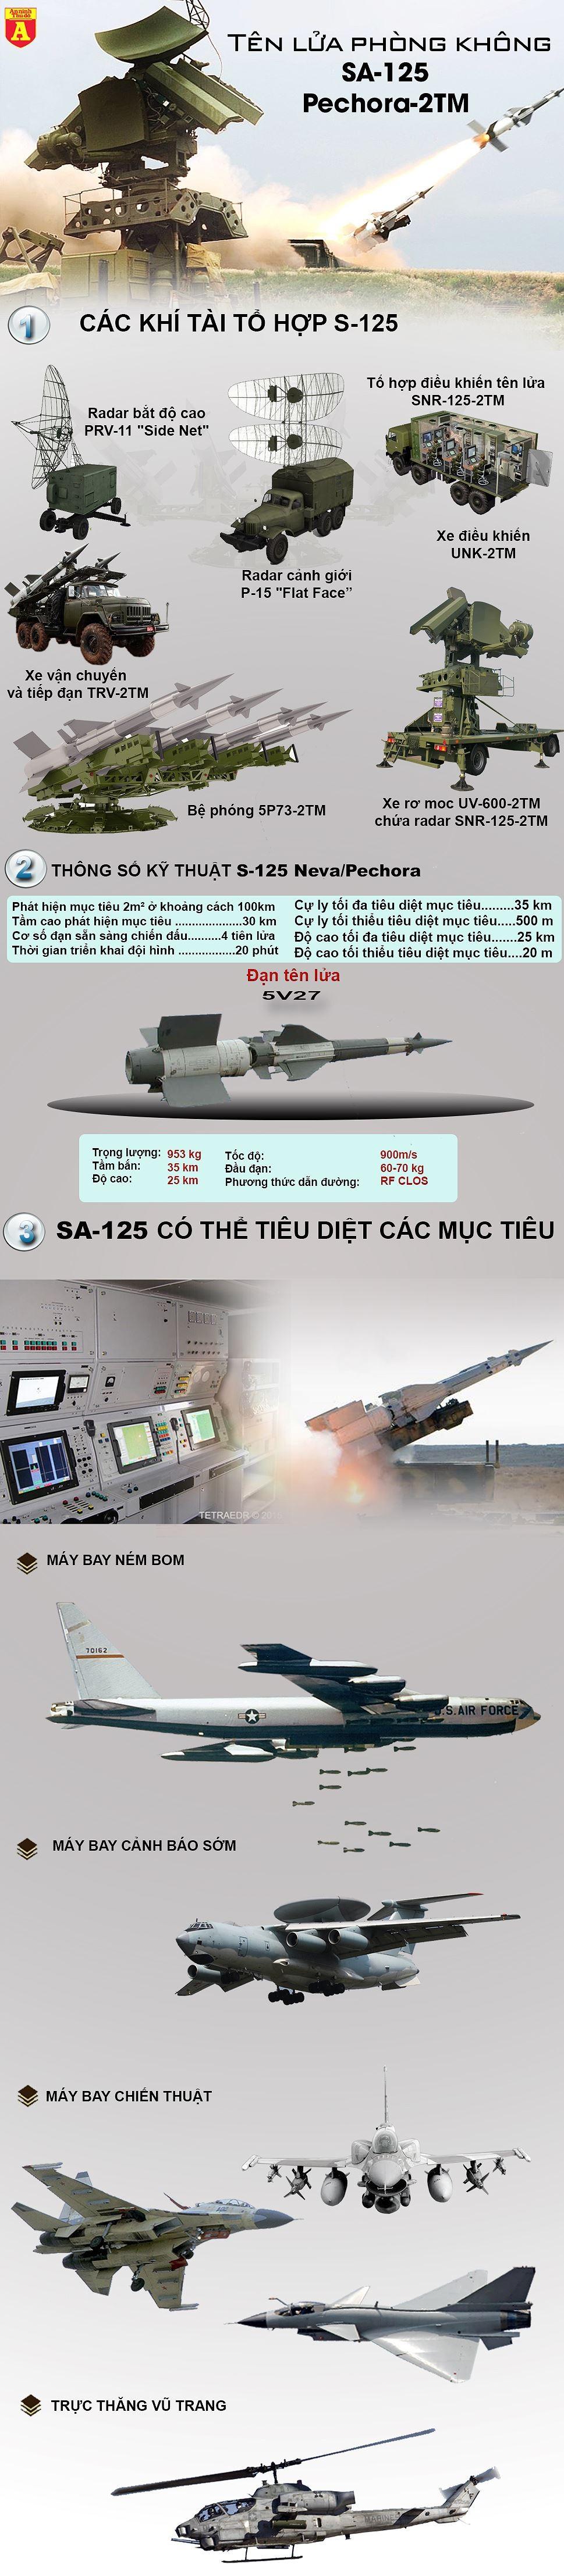 [Infographic] Tên lửa 'cổ' Liên Xô từng bắn hạ máy bay tàng hình quá khứ cho tới tên lửa hành trình hiện tại ảnh 2